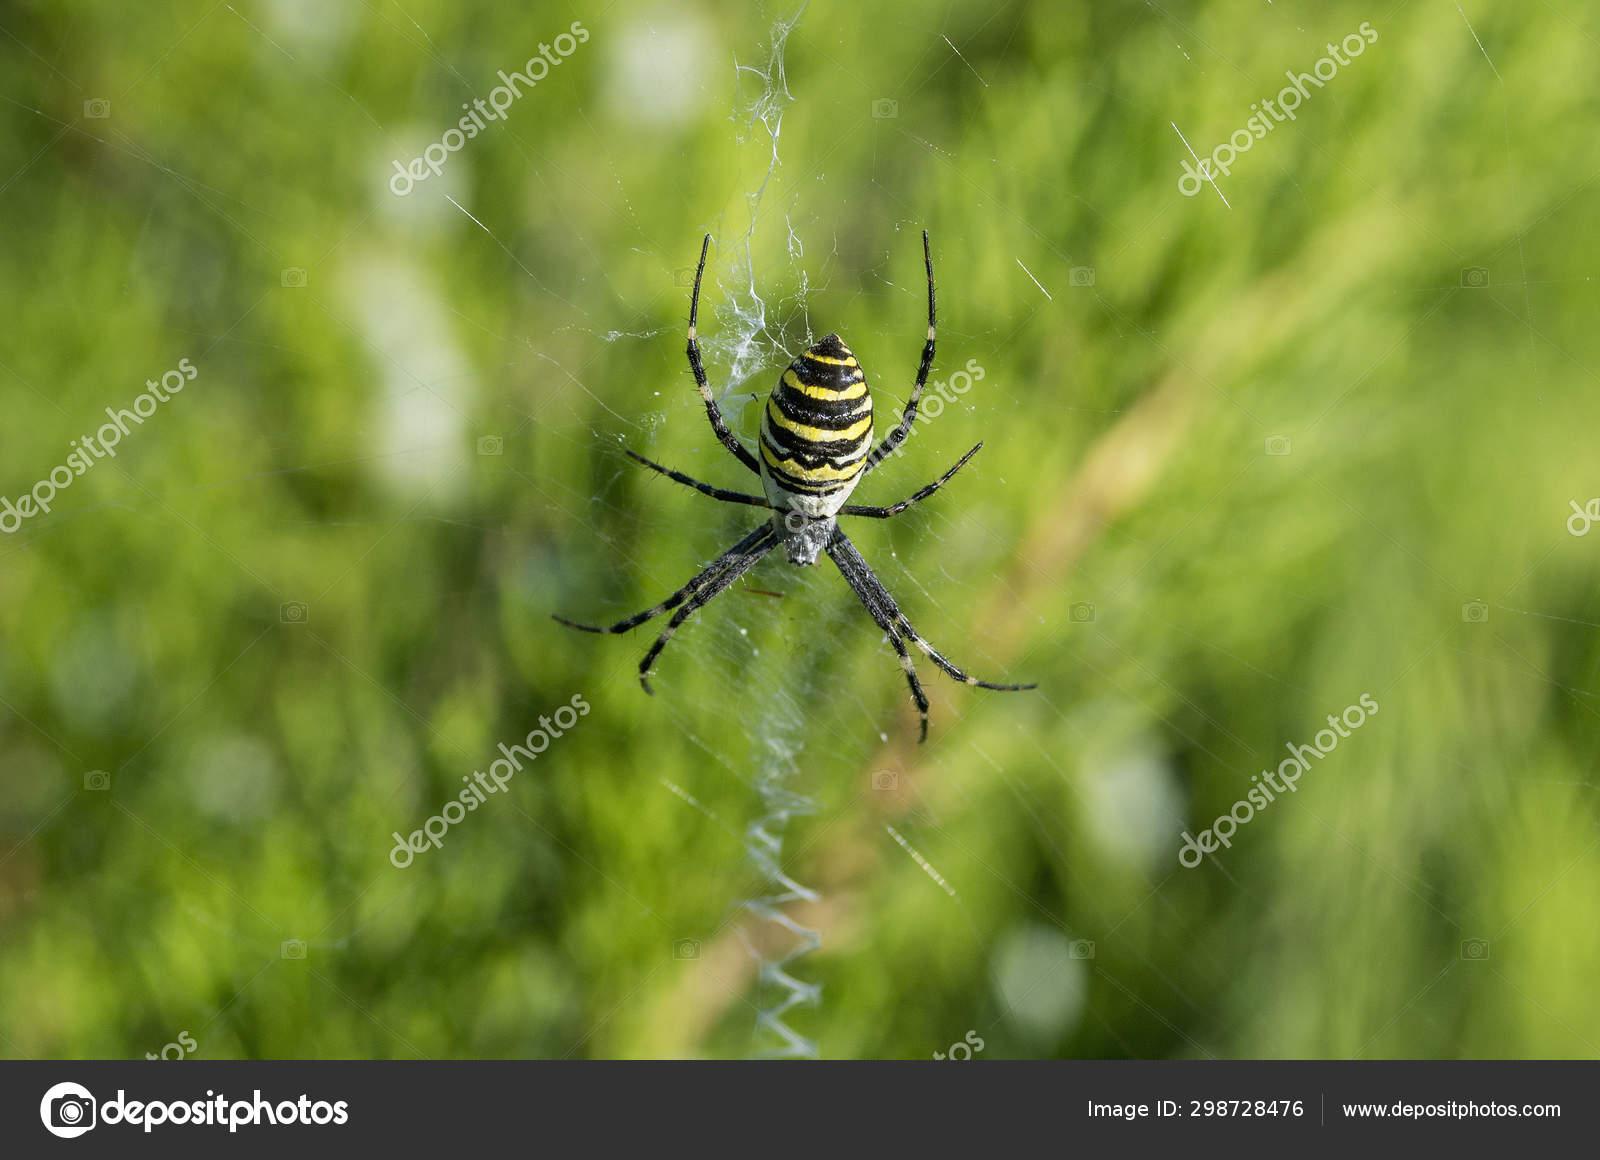 Poisonous Spider Argiope Bruennichi Wasp Spider Stock Photo